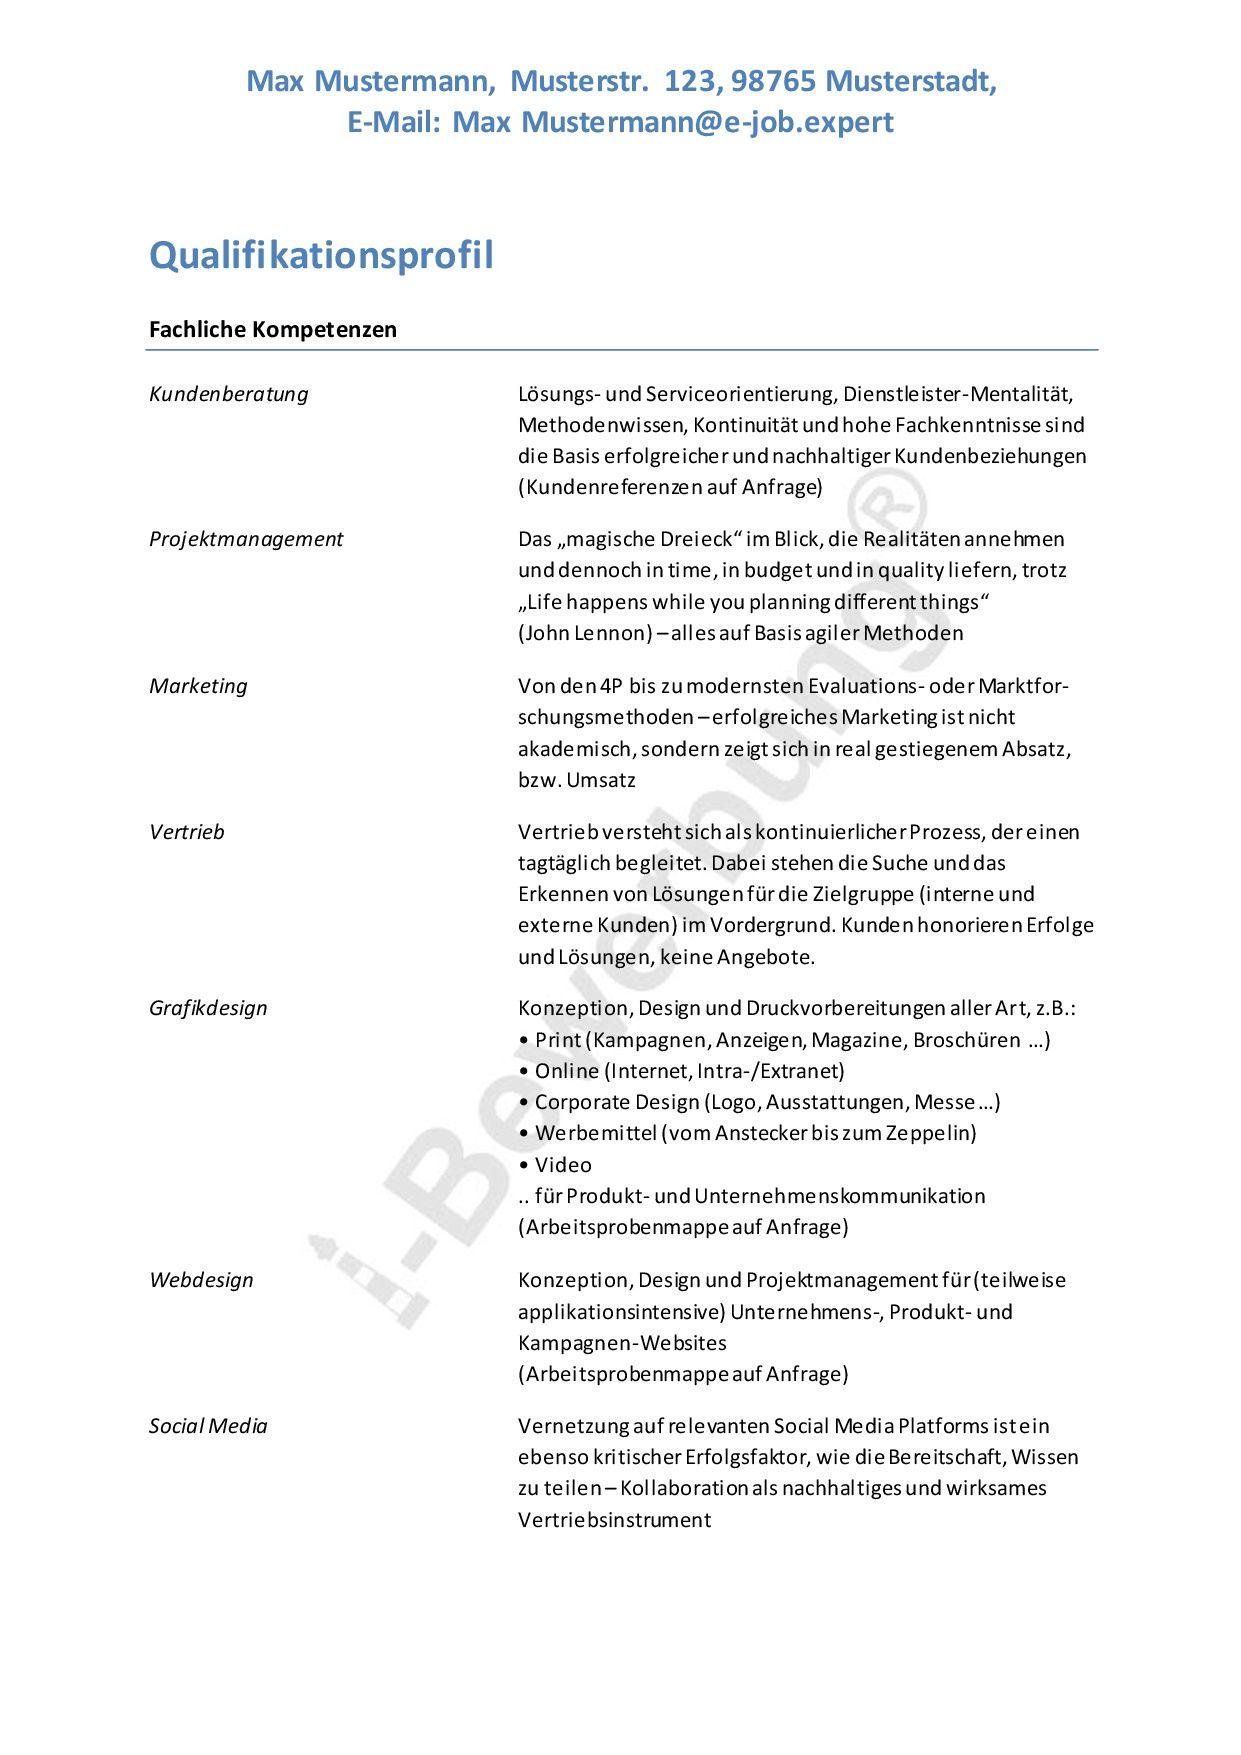 Muster Eines Qualifikationsprofils Fur Eine Initiativbewerbung Schulnoten Bewerbung Kundenbeziehung